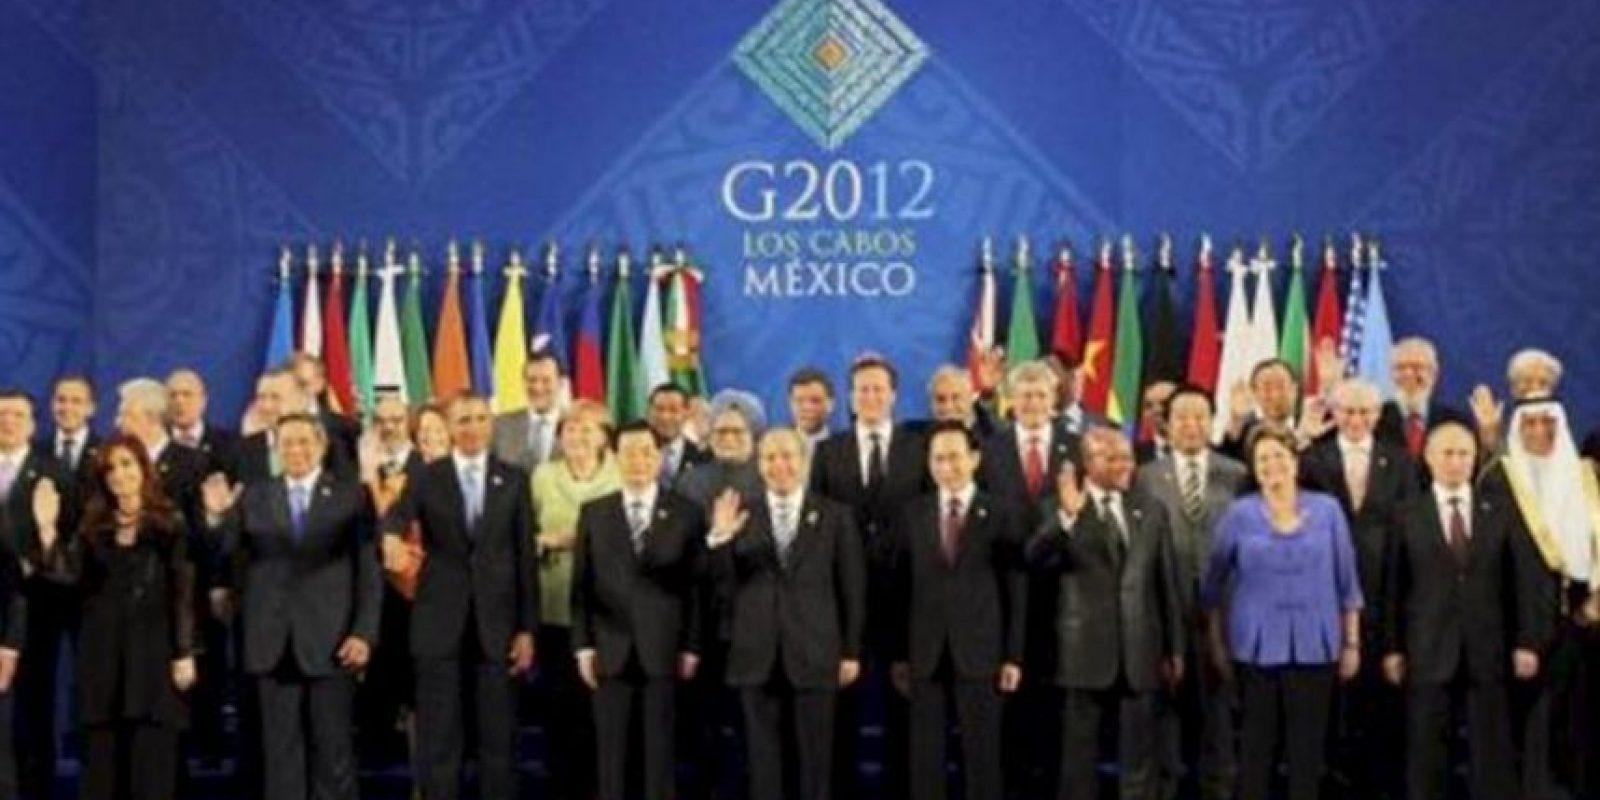 -Imagen general de los líderes y jefes de estado en la Cumbre G20 tomada en el centro internacional de Convenciones G20 de la ciudad de Los Cabos en el mexicano estado de Baja Califronia .( PRIMER FILA ABAJO DE IZQUIERDA A DERECHA) Francois Hollande de Francia; Cristina Fernandez de Kirchner de Argentina; Susilo Bambang de Yudhoyono de Indonesia; Barack Obama de los Estados Unidos; Hu Jintao de China; Felipe Calderon de Mexico; Lee Myung-Bak de Corea del Sur; Jacob Zuma de Sudafrica; Dilma Rousseff de Brasil; Vladimir Putin de Rusia; ( SEGUNDO FILA DEL MEDIO DE IZQ A DCHA) Miguel Barroso de la Comision Europea; Mario Monti de Italia; Recep Tayyip Erdogan de Turquia; Julia Gillard de Australia; Angela Merkel de Alemania; Manmohan Singh de la India; David Cameron de Inglaterra; Stephen Harper de Canada; Yoshihiko Noda de Japon; Herman Van Rompuy del Consejo Europeo; Ibrahim Al-Assaf ministro de finanzas de Arabia Saudita. ( TERCER FILA ARRIBA DE IZQ A DCHA) Mario Draghi del FSB; Miguel Angel Gurria de la OCDE; Robert Zoellick del Banco Mundial; Jose Graziano da Silva de la FAO; Mariano Rajoy de España; Hun Sen de Camboya; Jose Manuel Santos de Colombia; Sebastian Piñera de Chile; Thomas Boni Yayi de Benin; Meles Zenawi de Etopia; Ban Ki-Moon de la ONU; Juan Somavia de la OIT; Christine Lagarde del FMI; Pascal Lamy de la OMC. EFE